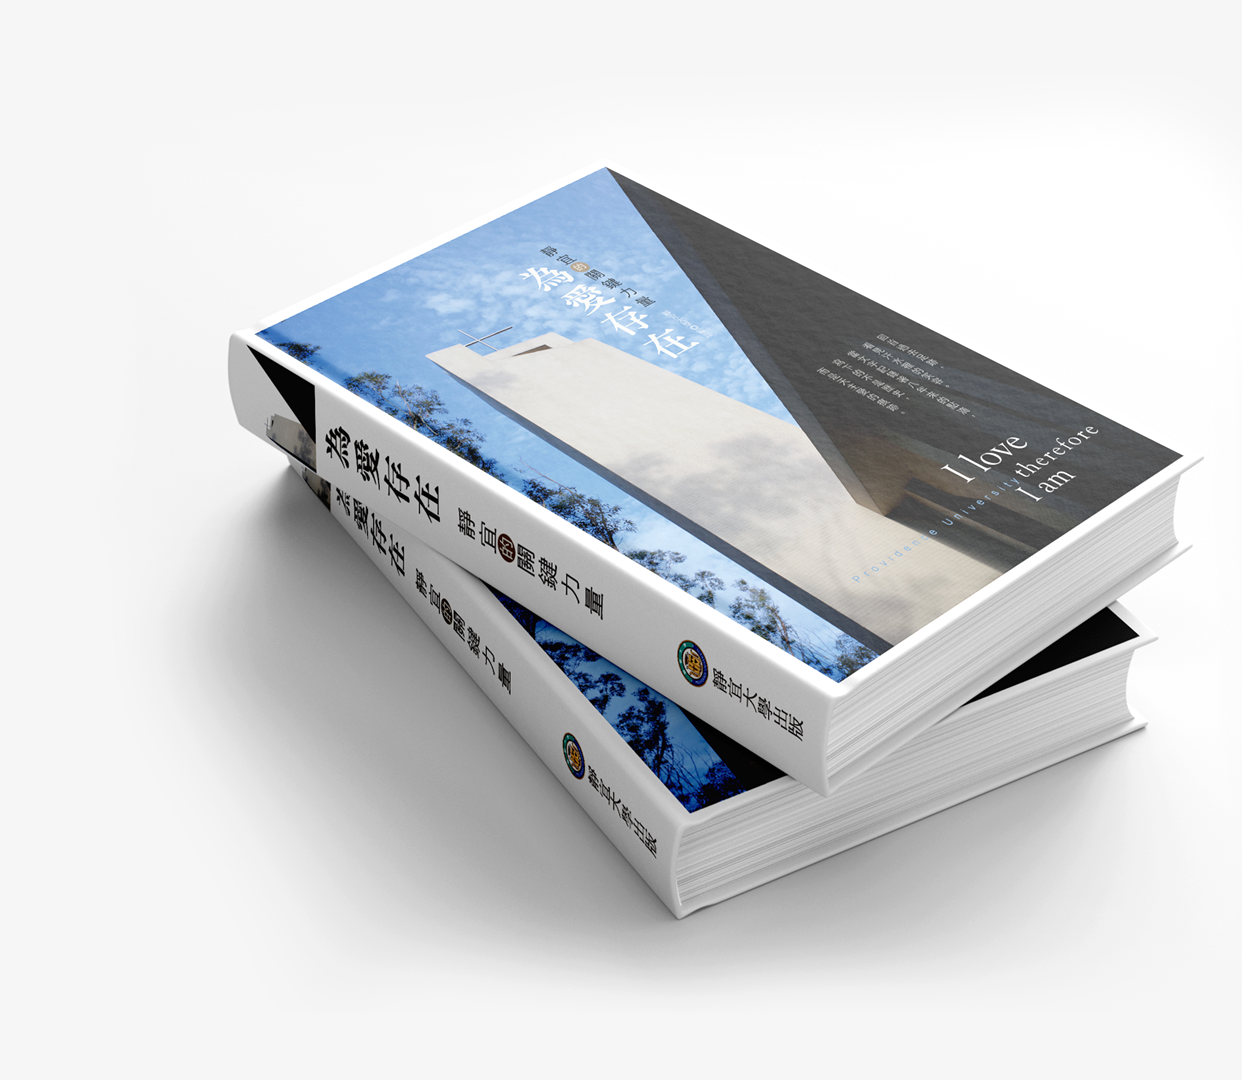 裝禎設計書本雜誌設計